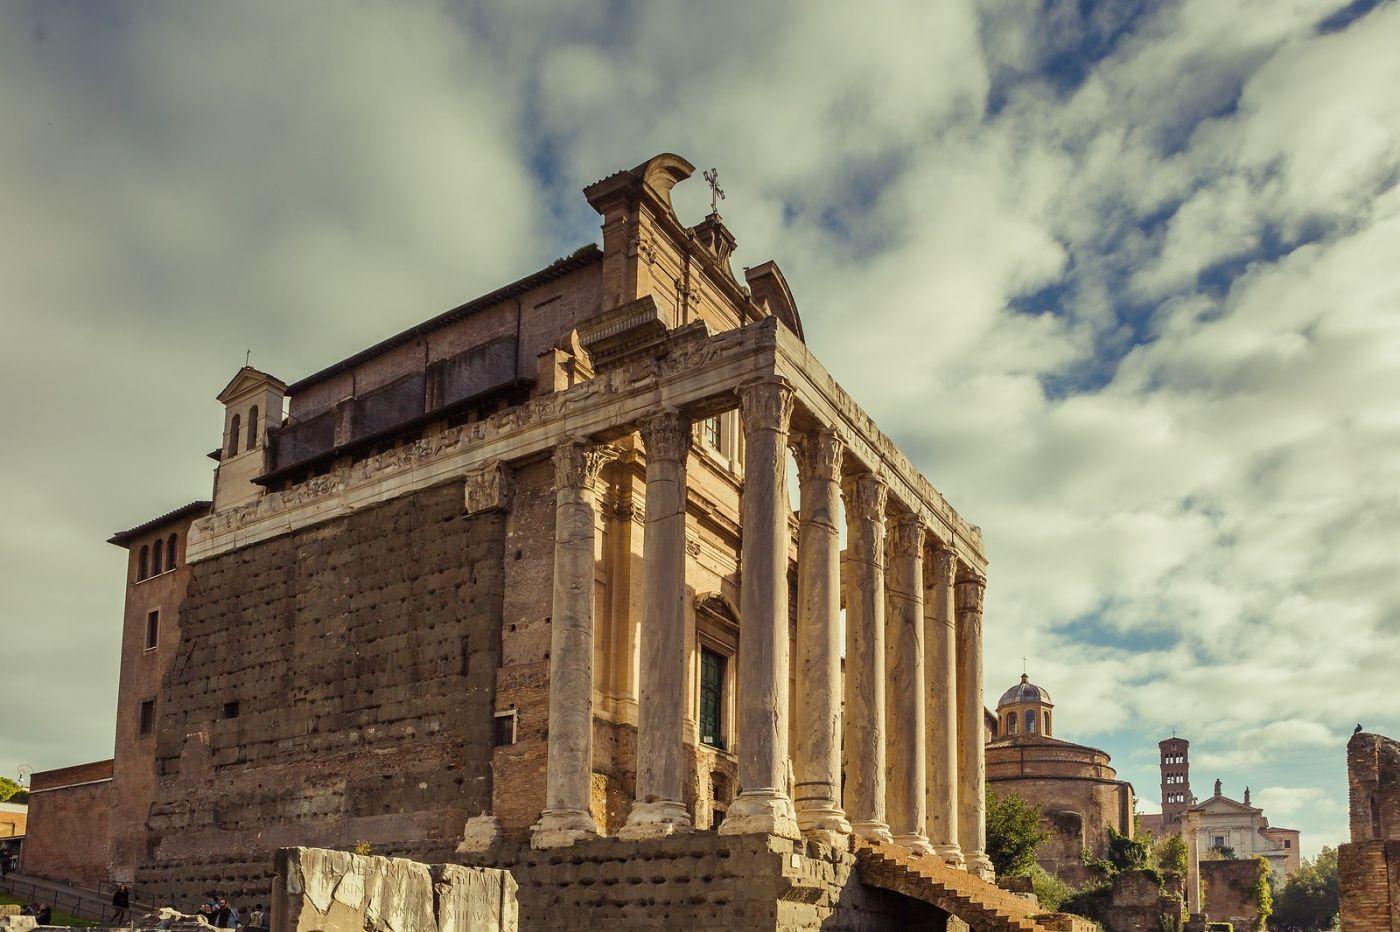 意大利罗马论坛,二千年的历史_图1-40